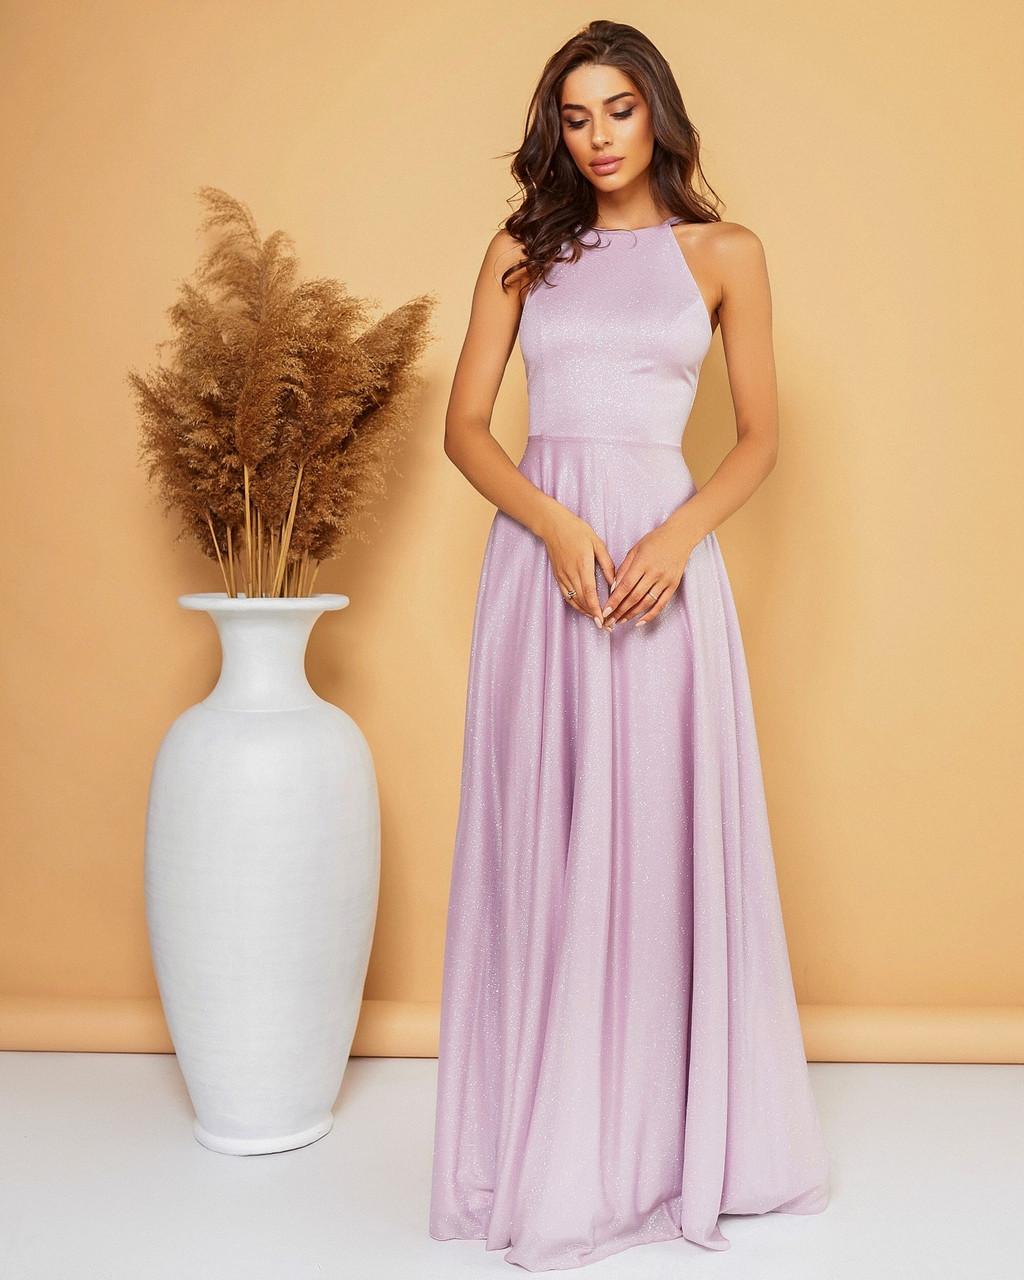 Вечернее платье длиною  в пол с открытой спиной, 00764 (Лиловый), Размер 44 (M)